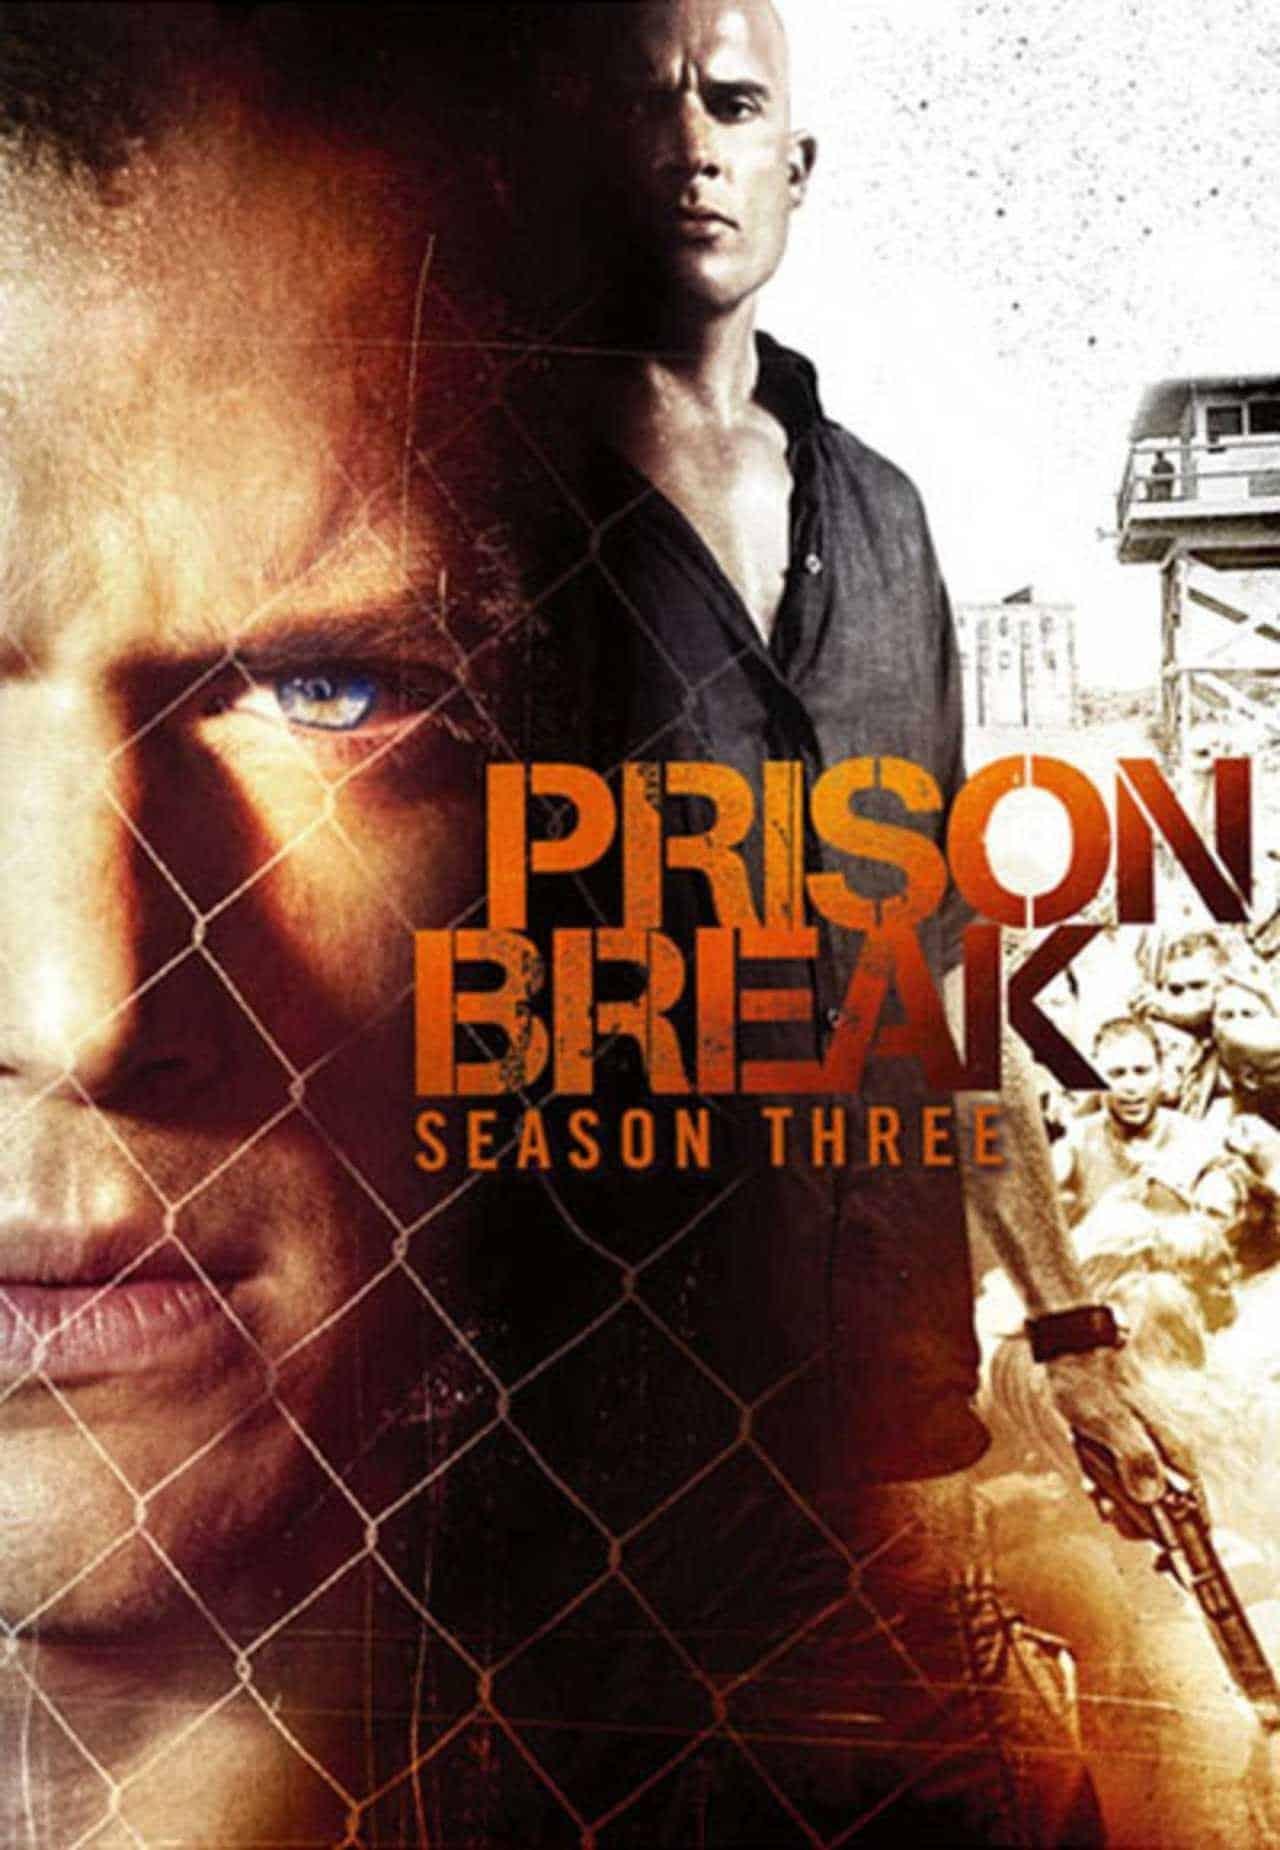 แผนลับแหกคุกนรก PRISON BREAK SEASON 3 พากย์ไทย EP1 – EP13 [จบ]